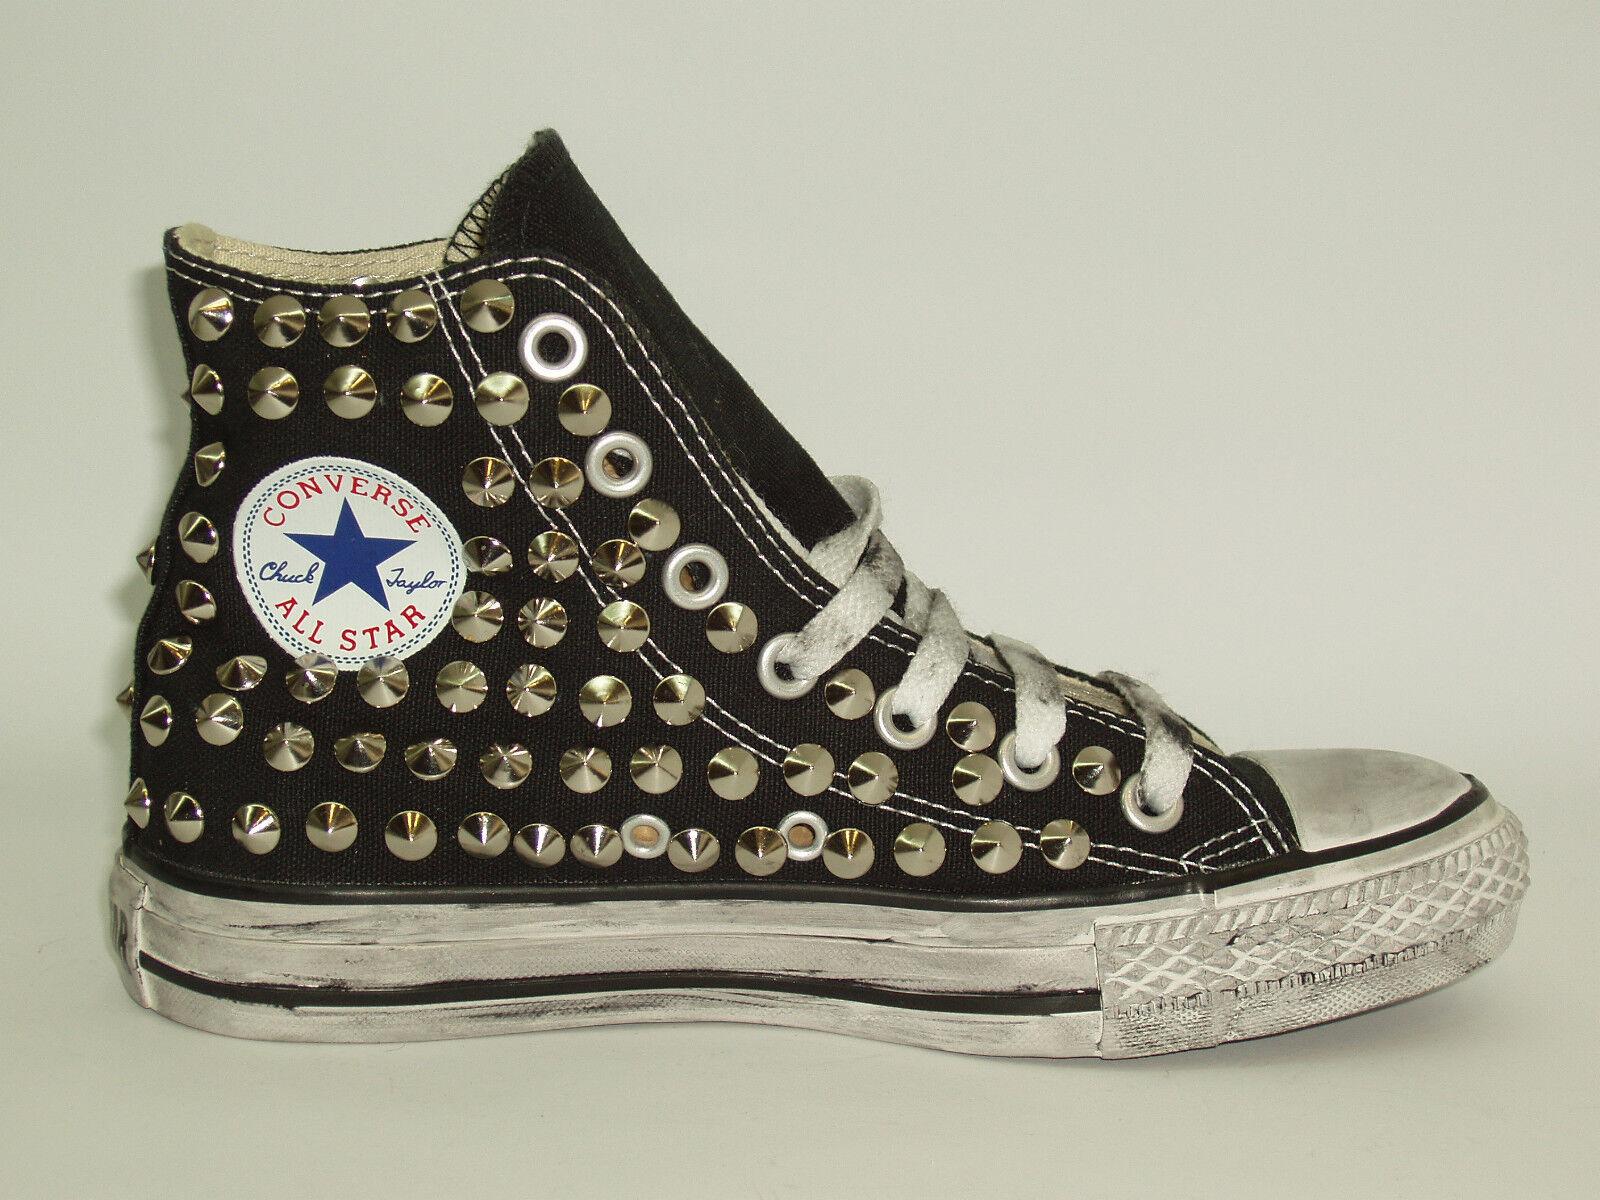 Converse all star Hi borch-ie scarpe donna uomo artigianali nero,grigio,rosso,blu